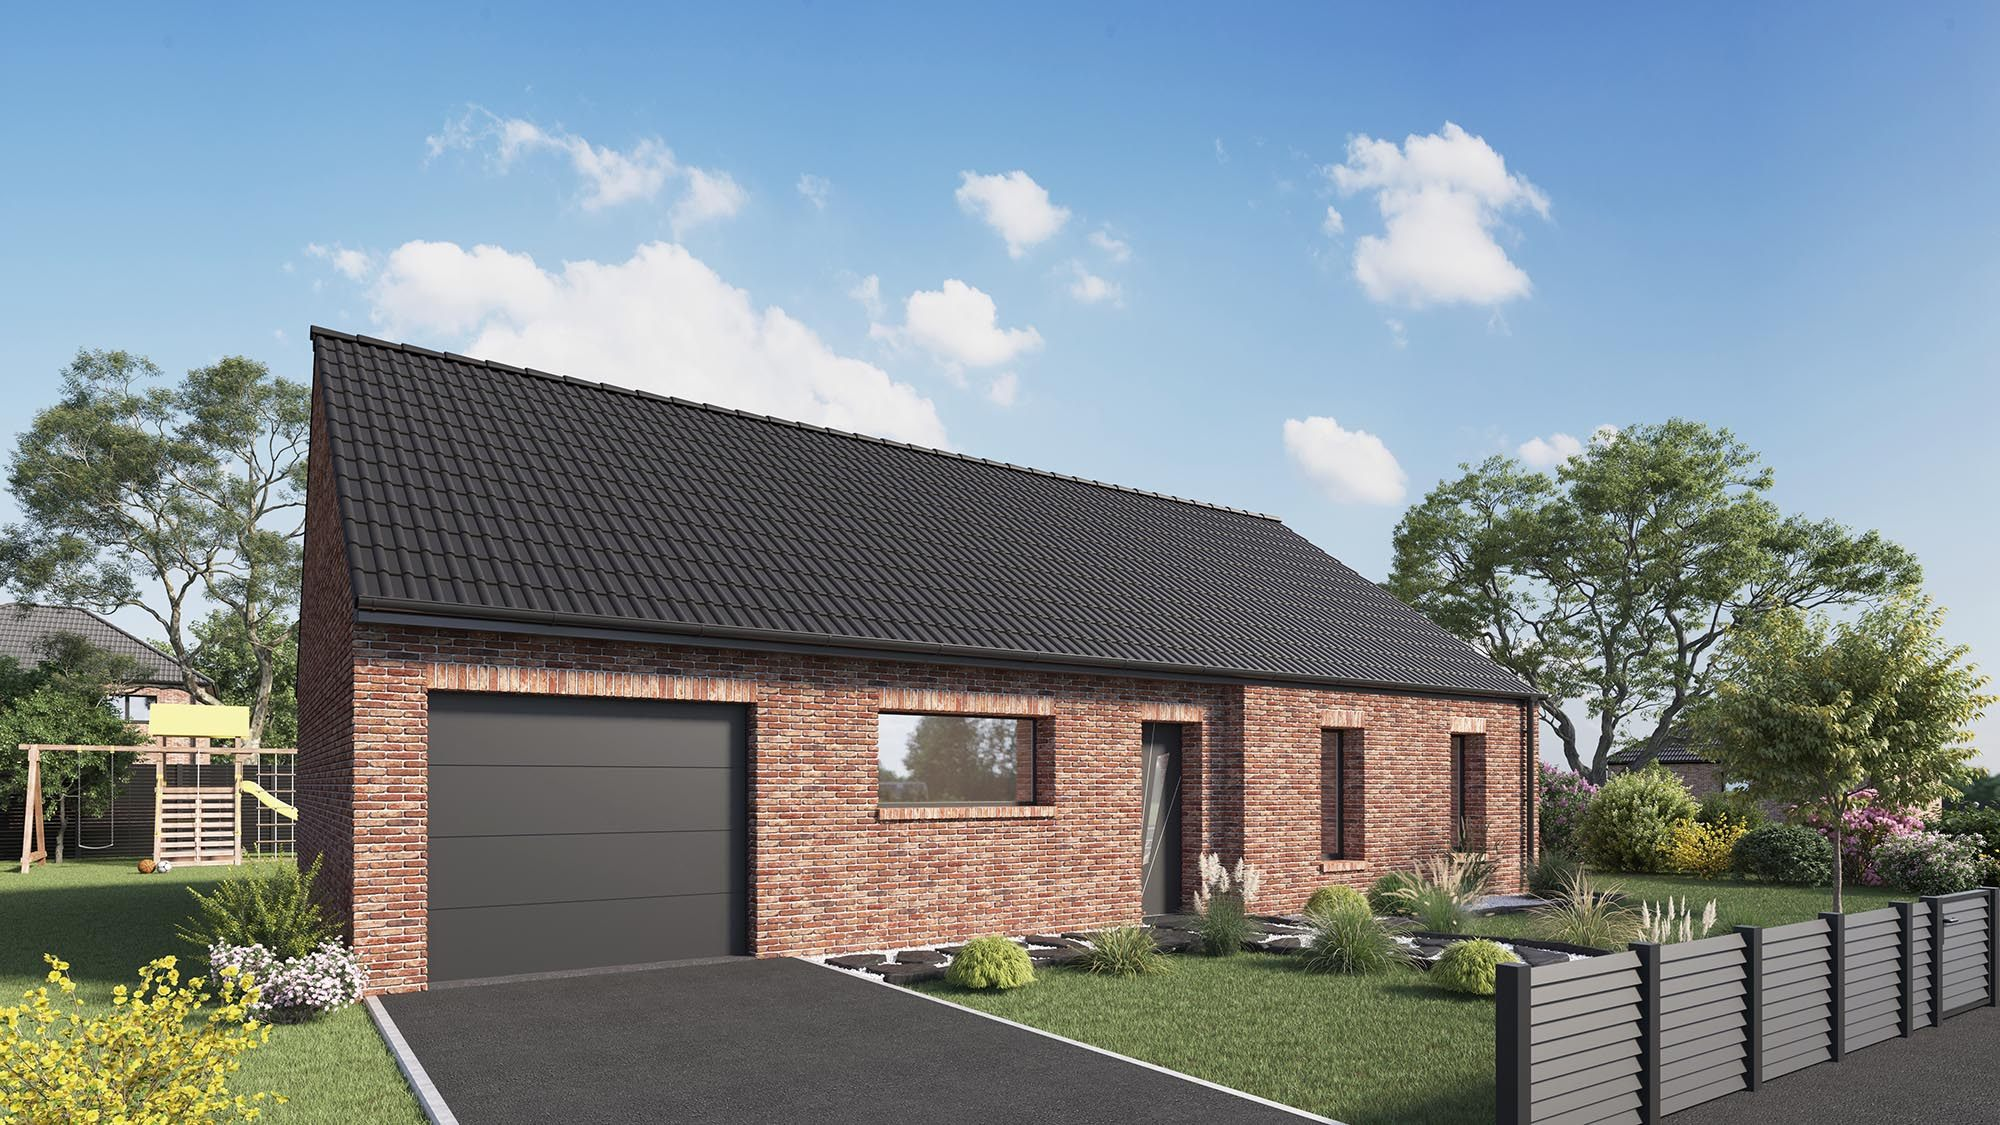 Maisons + Terrains du constructeur Maison Castor Valenciennes • 96 m² • SAINT MARTIN SUR ECAILLON